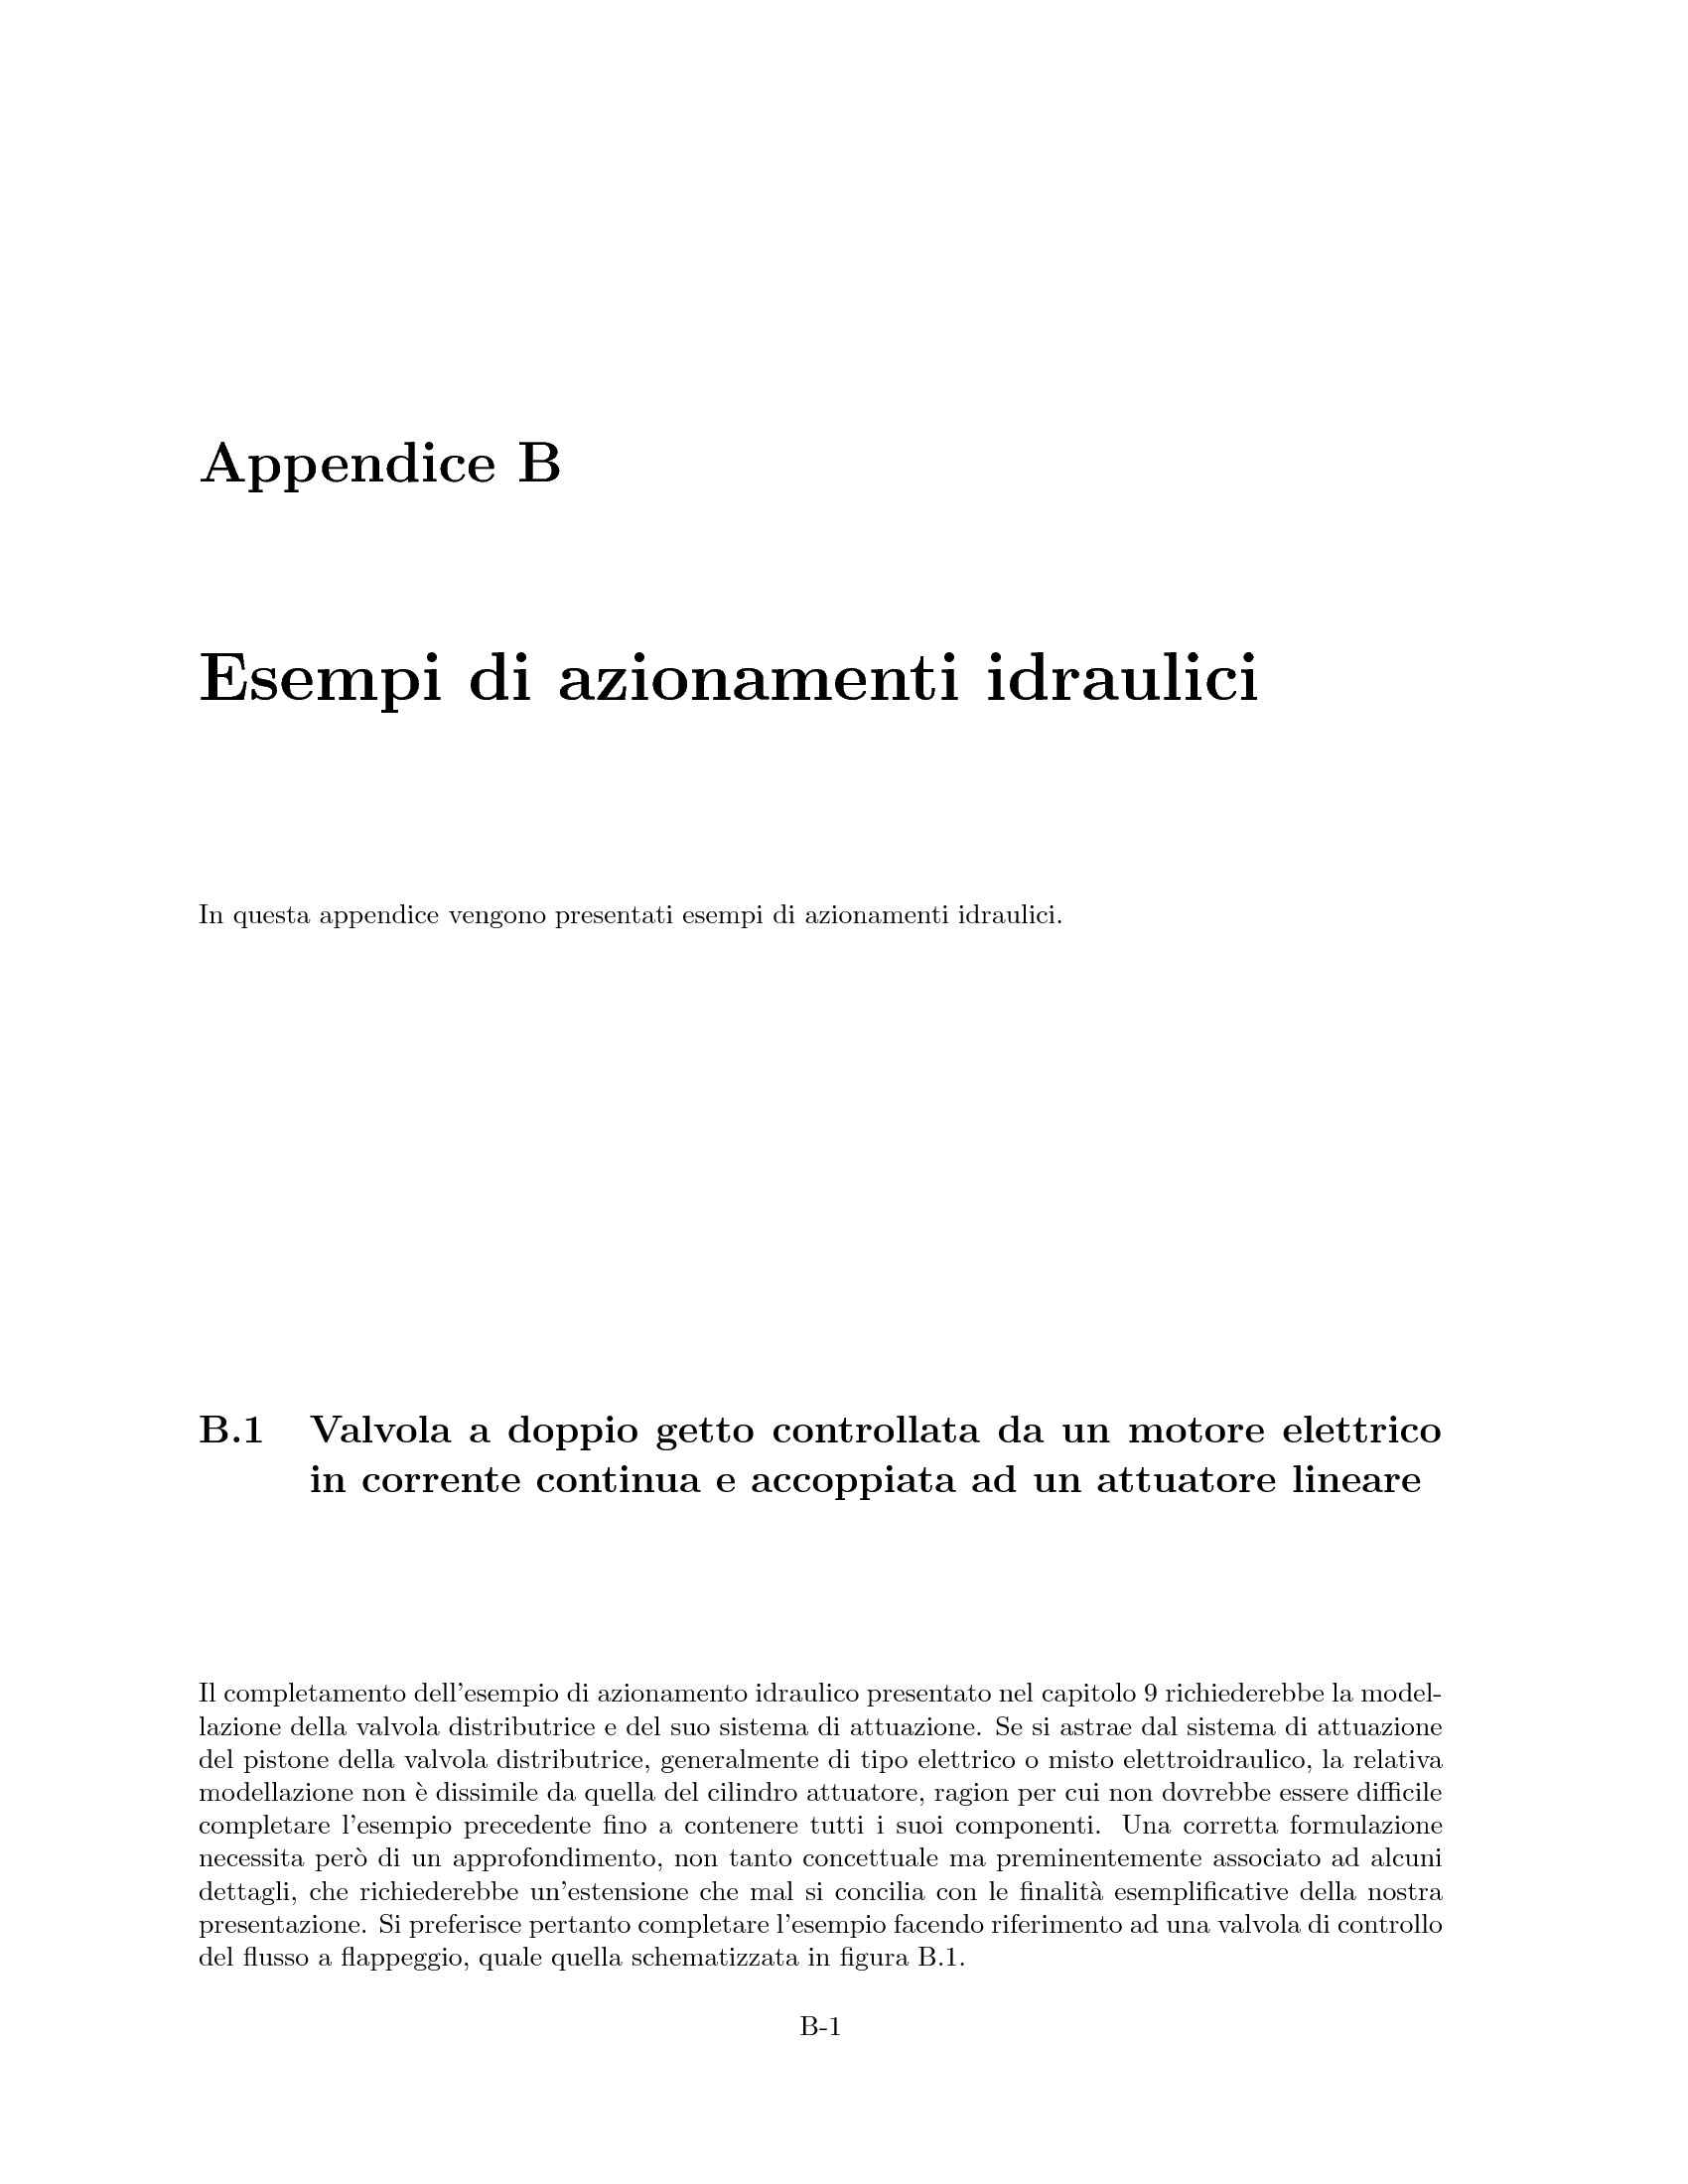 Azionamenti idraulici - Valvola a doppio getto